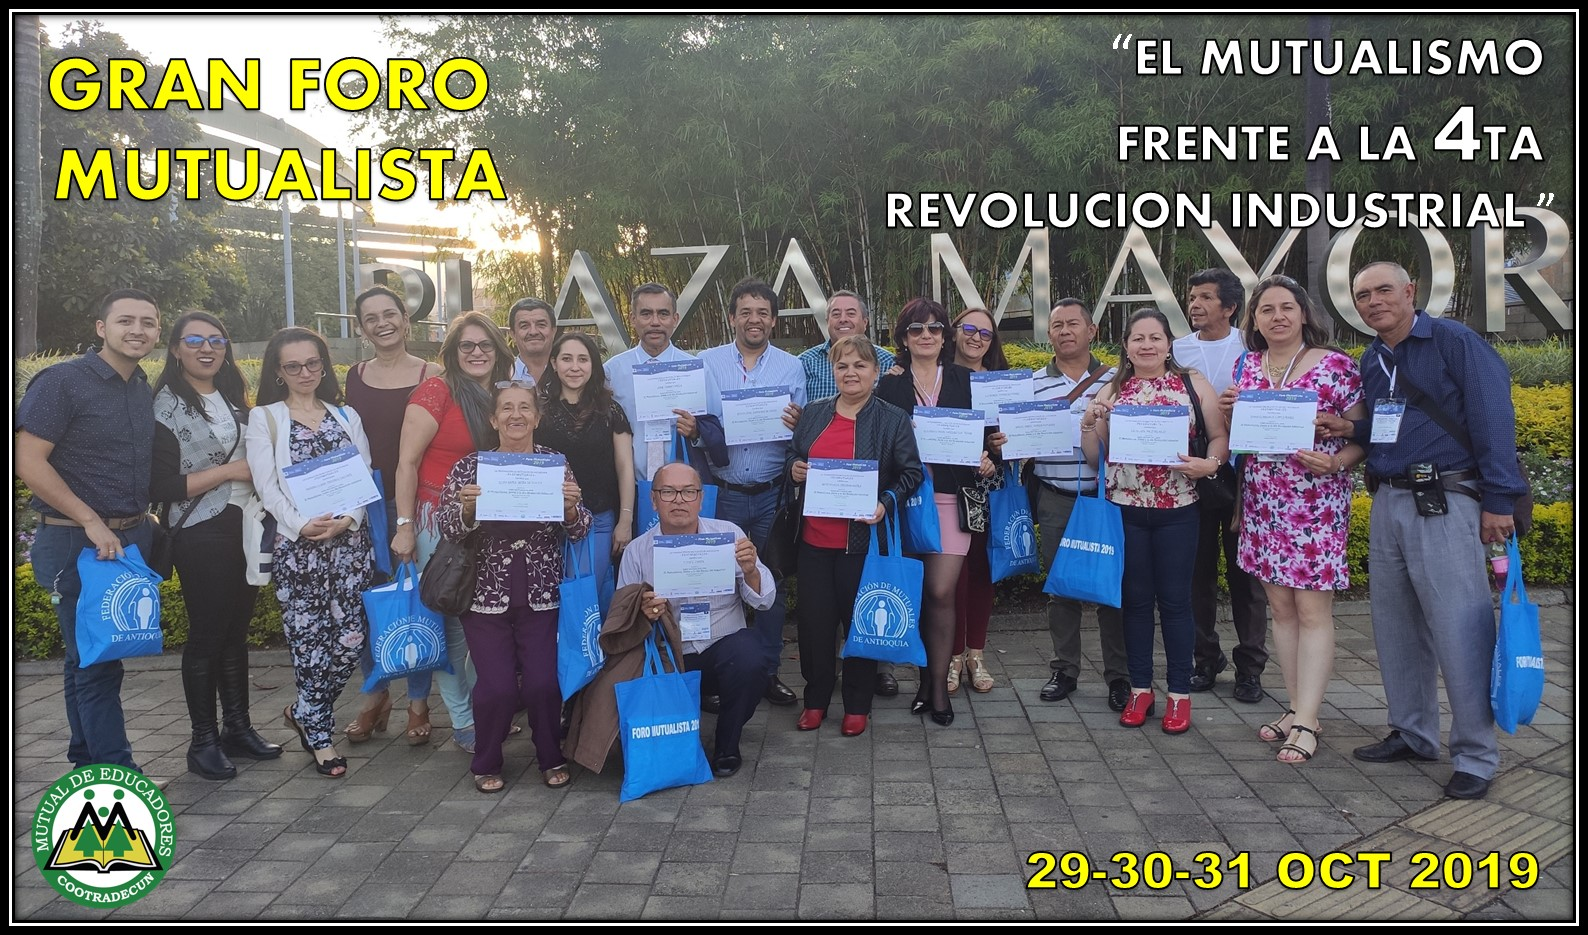 PORTADA FORO MUTUALISTA 2019